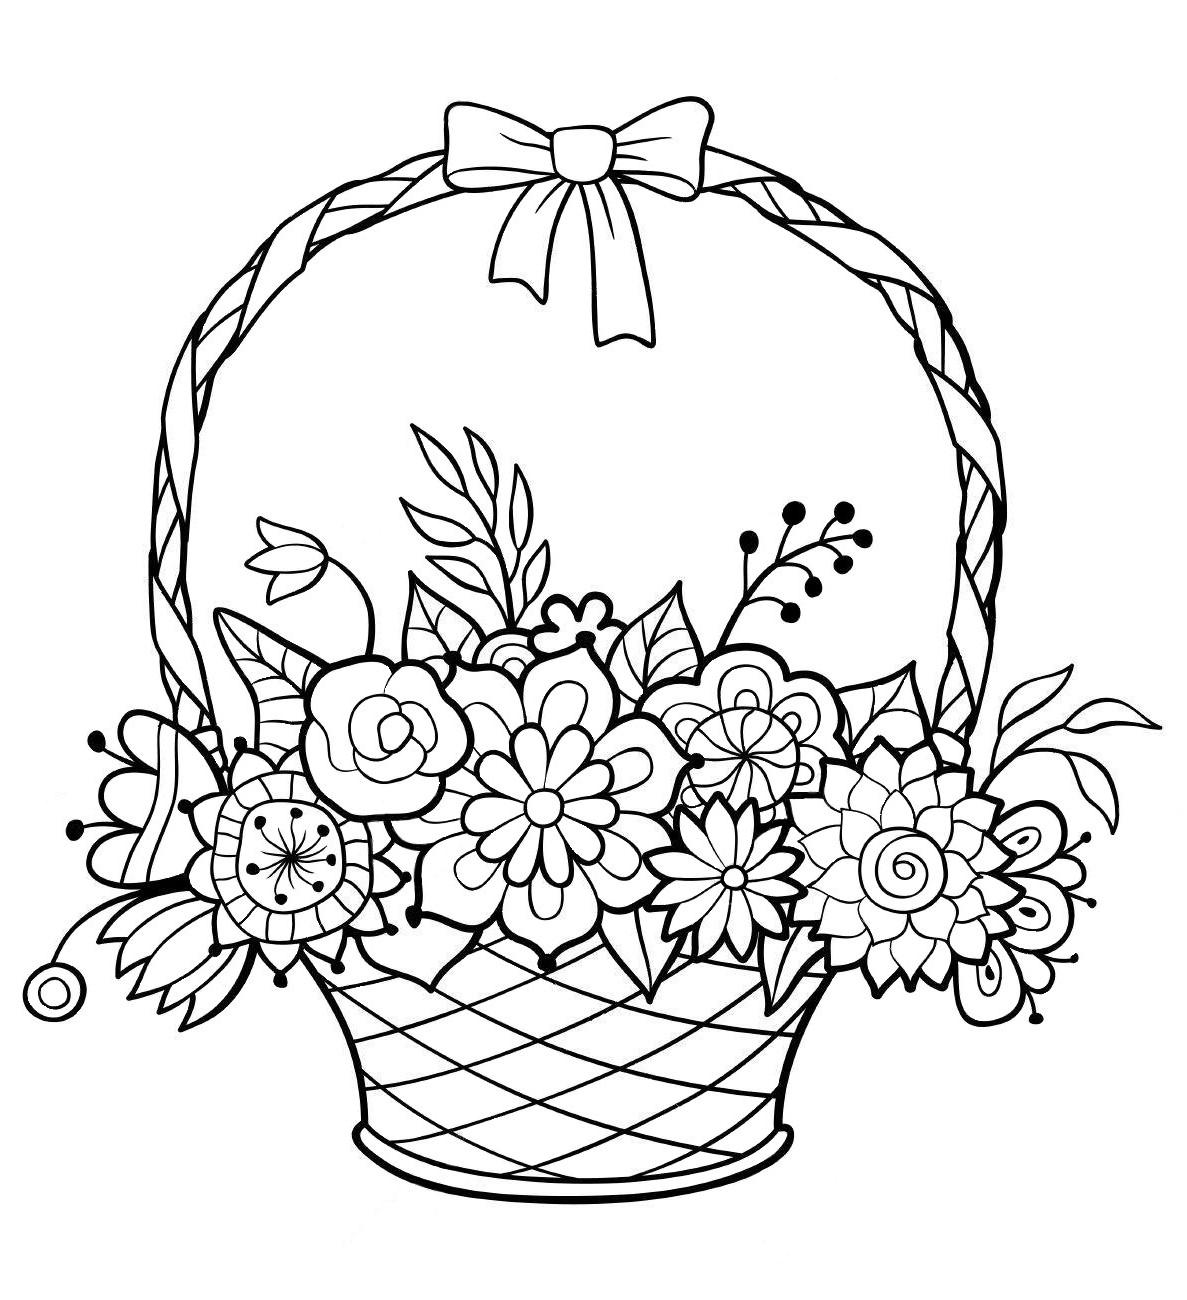 Картинки корзинки с цветами нарисованные